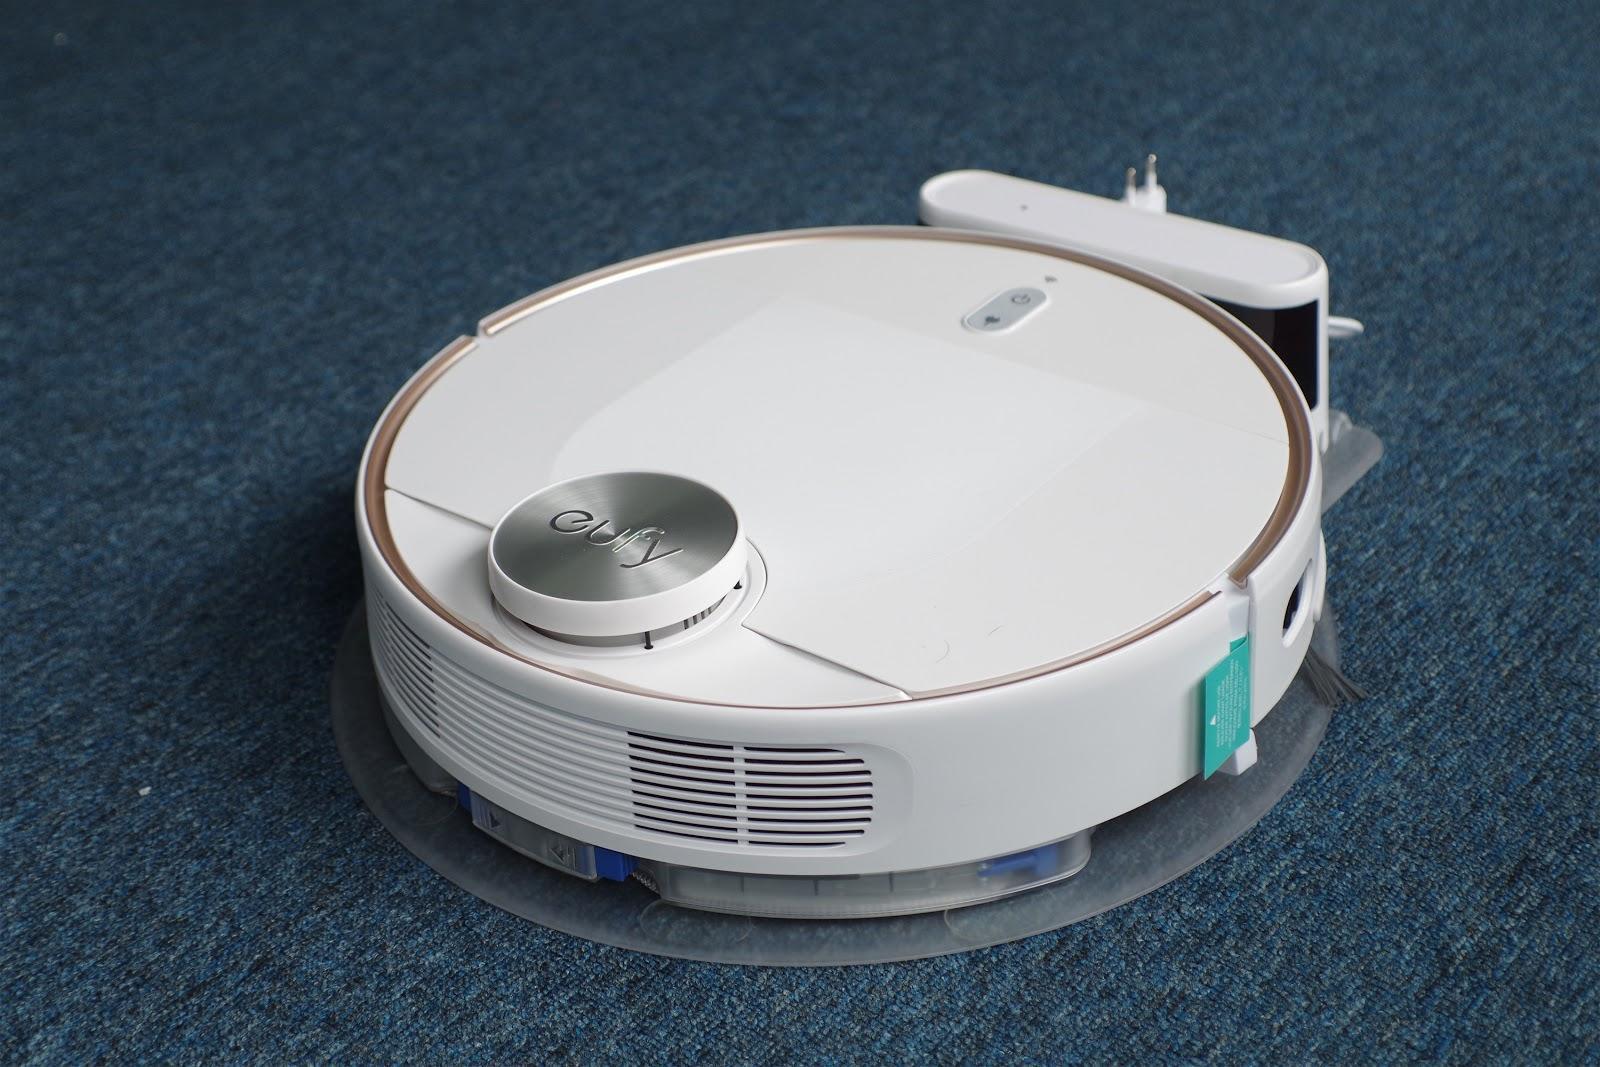 Robot hút bụi cao cấp Eufy RoboVac L70 Hybid: Hút và lau trong 1! - Ảnh 2.